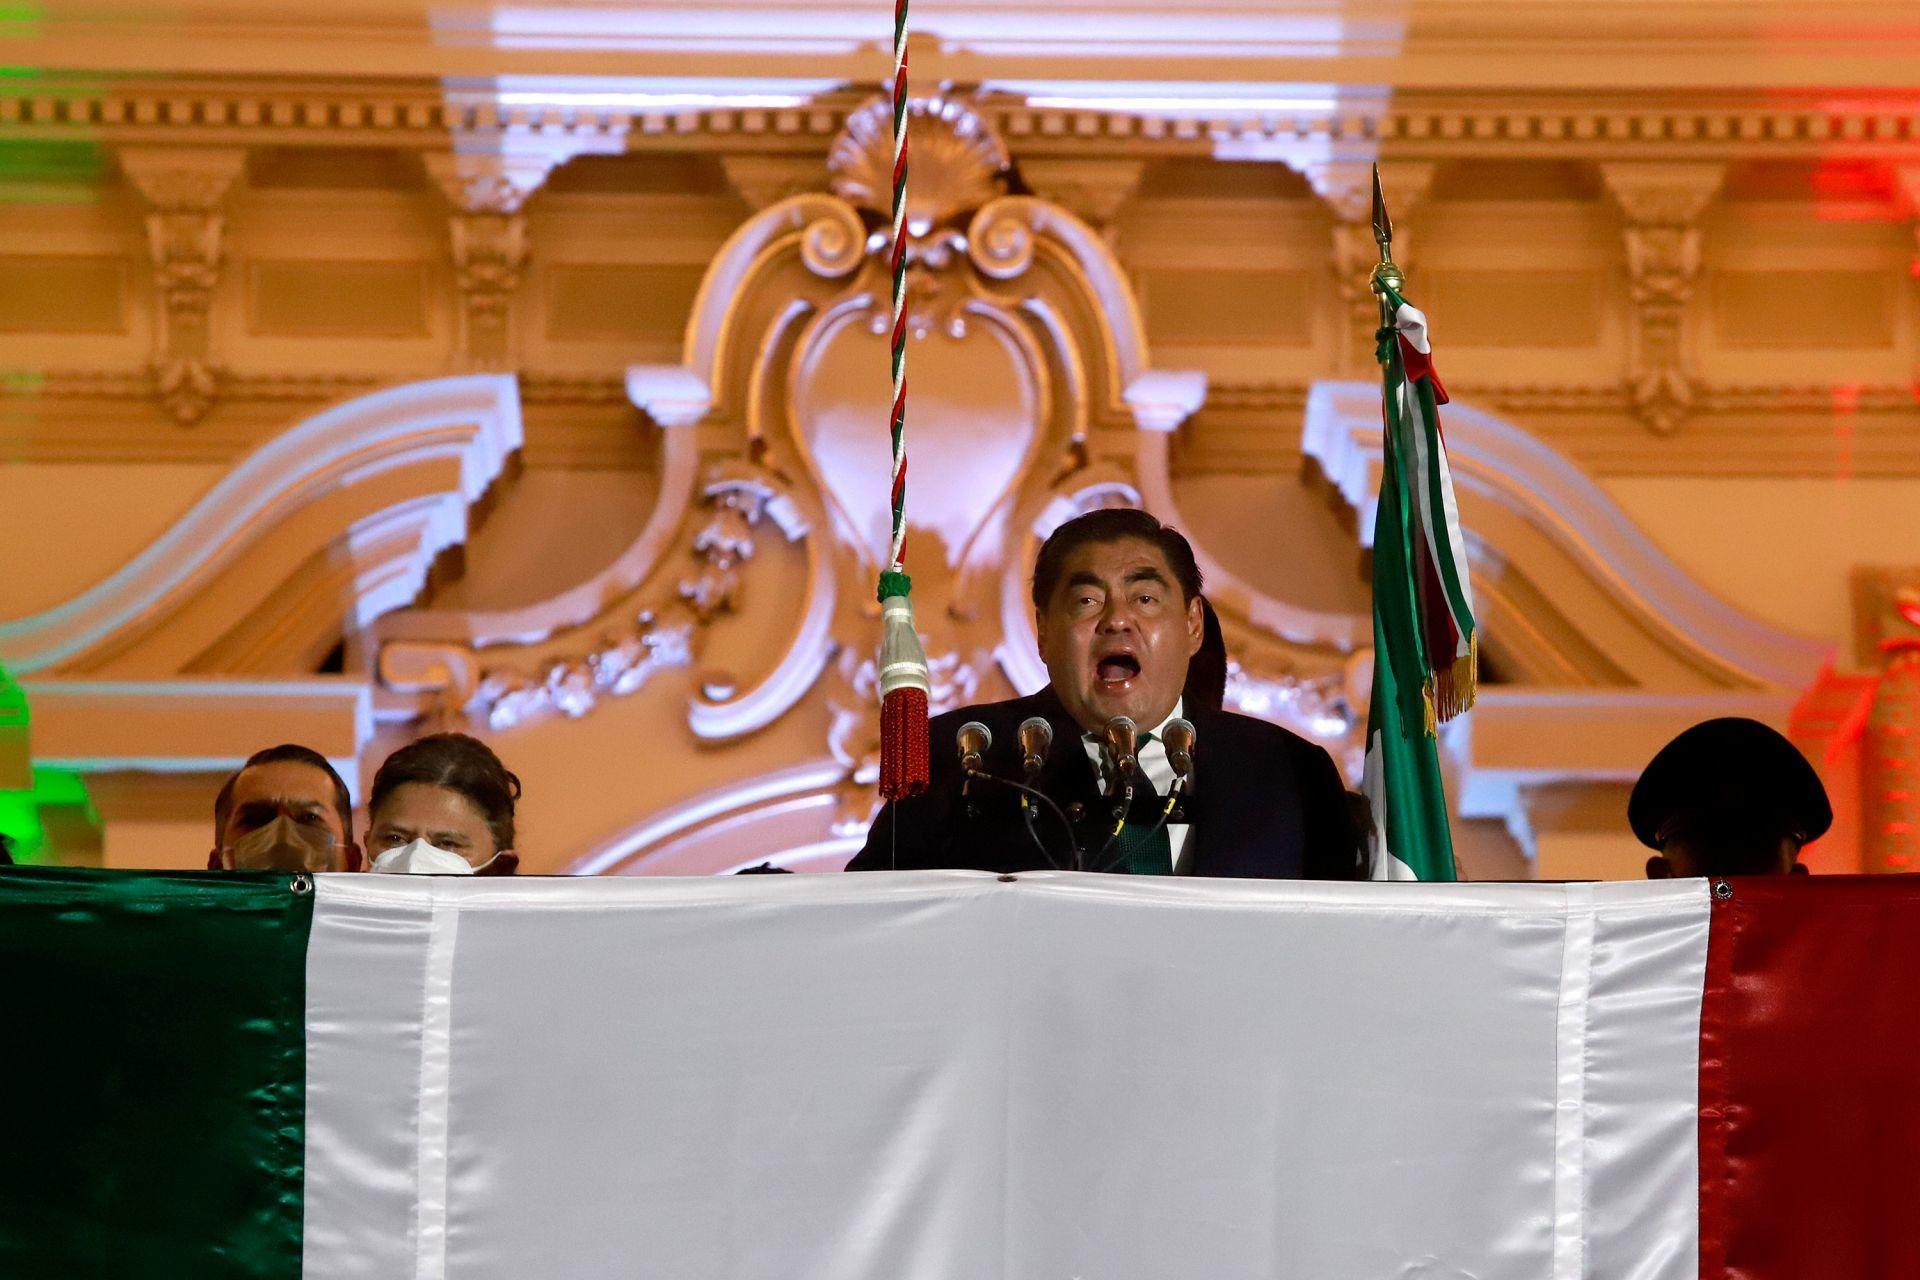 Critican a Miguel Barbosa por mencionar a Benito Juárez durante Grito de Independencia en Puebla